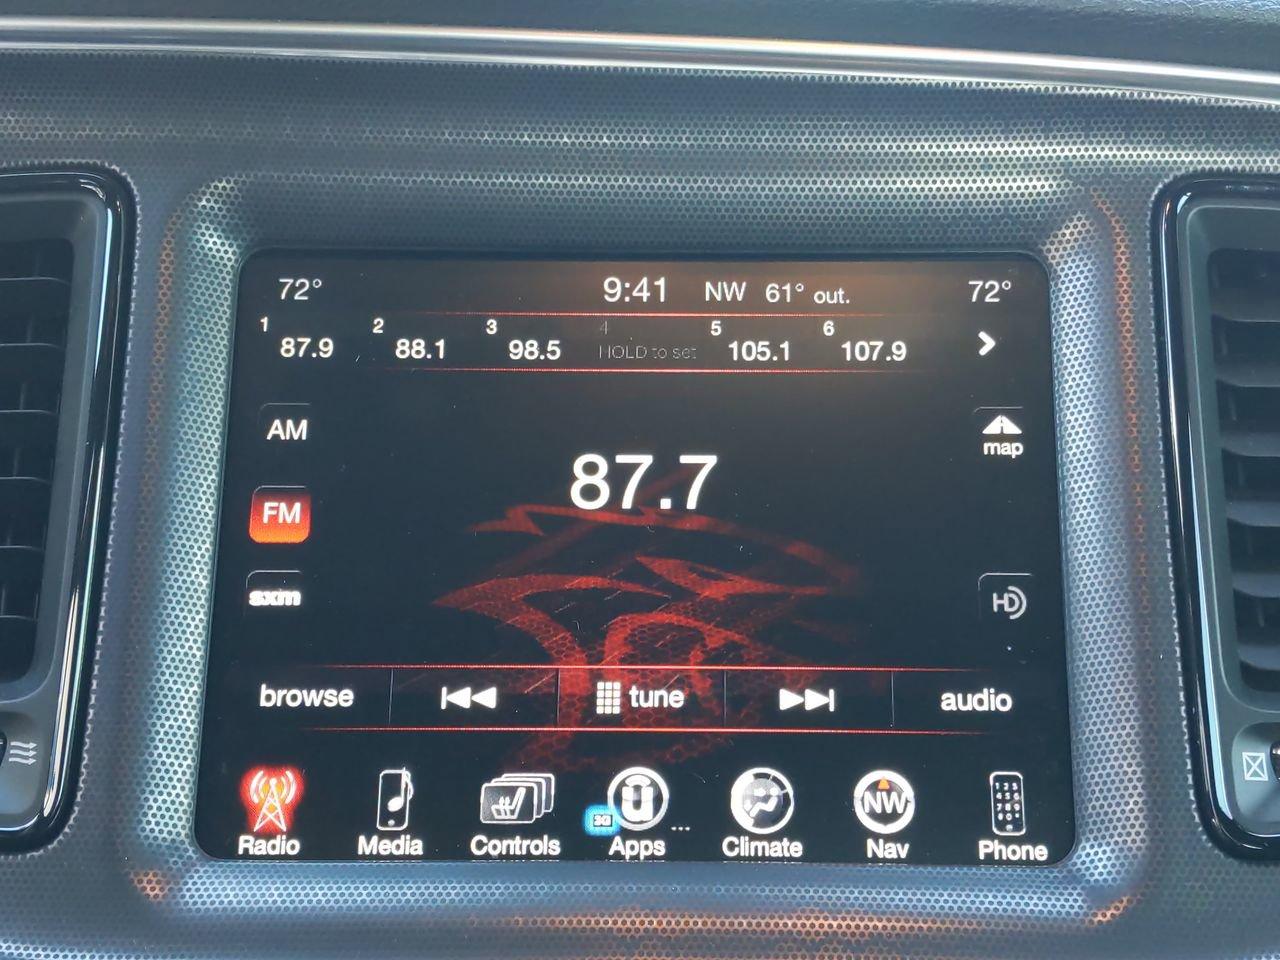 Pre-Owned 2016 Dodge Challenger SRT 392